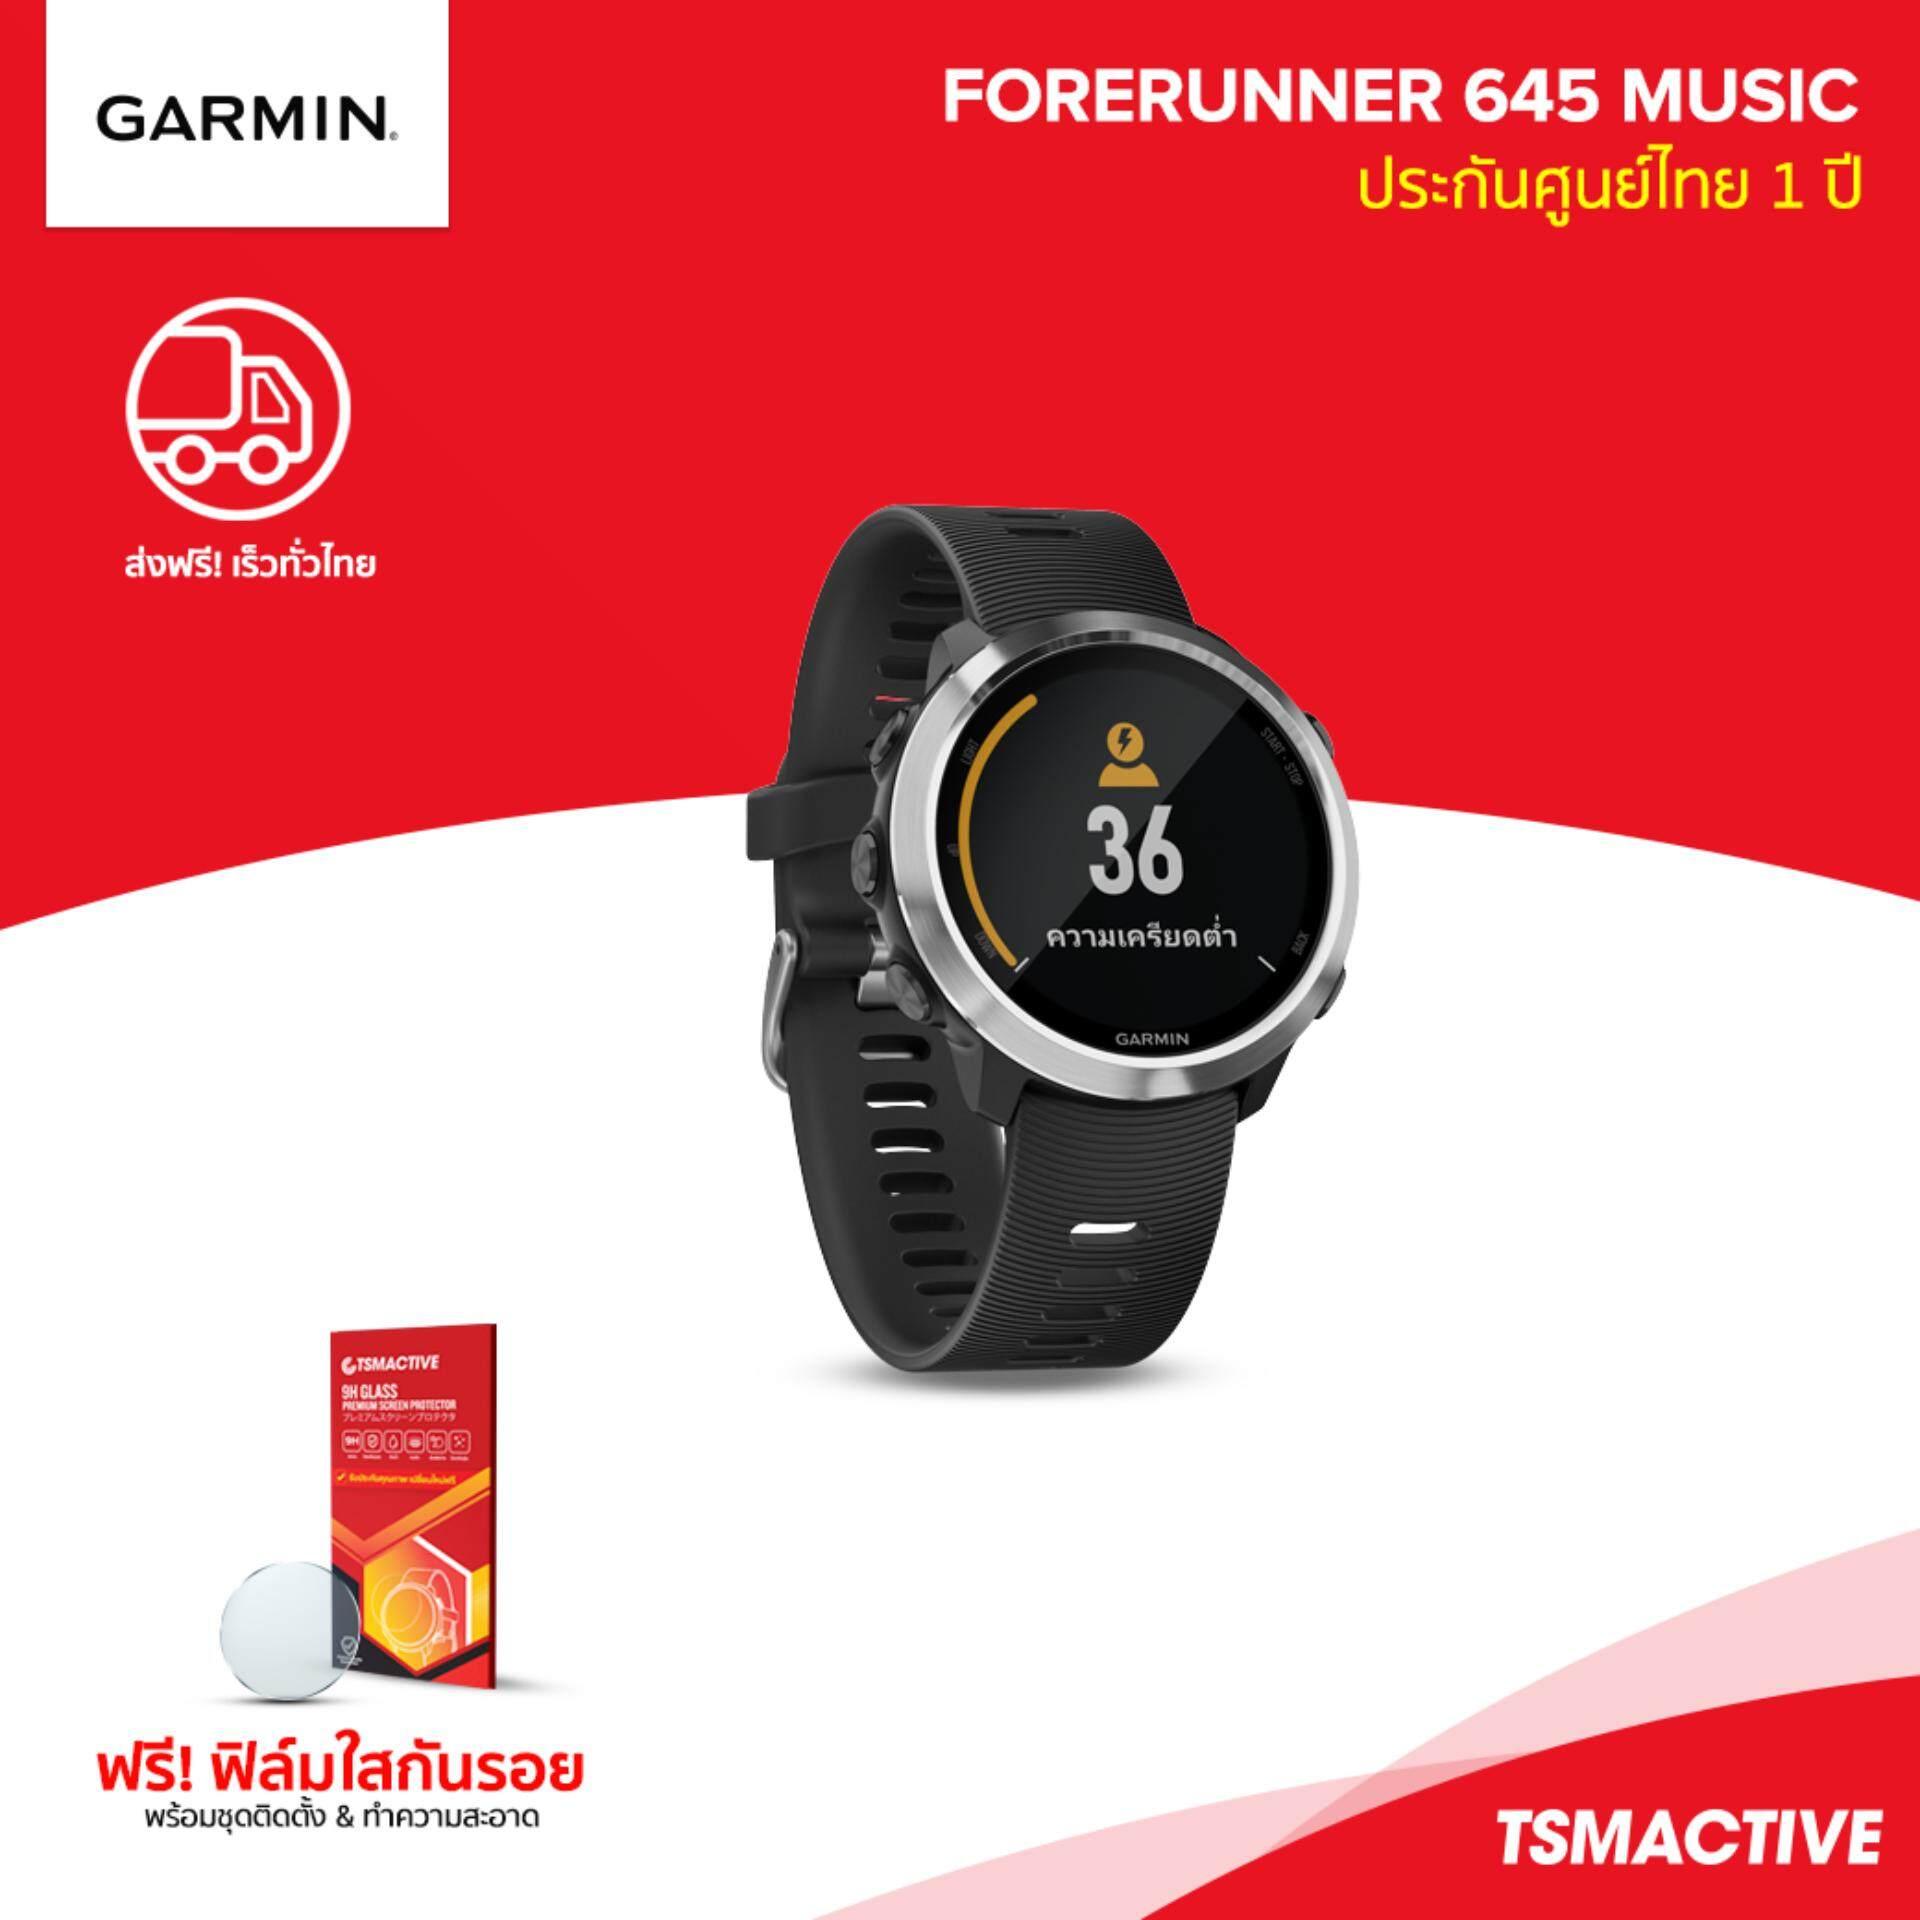 ยี่ห้อไหนดี  ศรีสะเกษ Garmin Forerunner 645 Music (ดำ/ขอบเทา) นาฬิกา GPS ออกกำลังกาย (ฟรีฟิล์มใสกันรอย) ประกันศูนย์ไทย